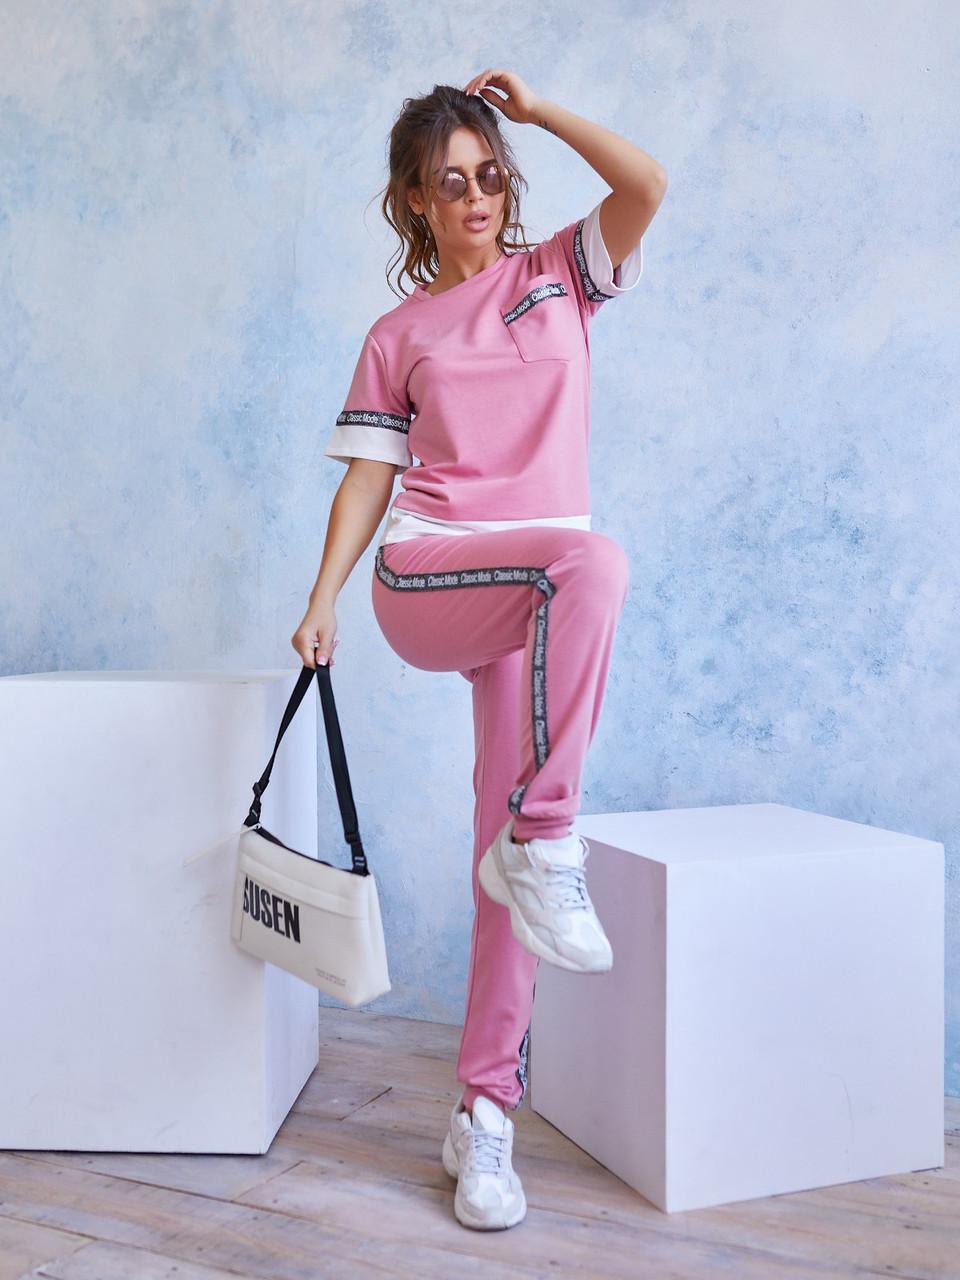 Рожевий трикотажний костюм з блискучою тасьмою